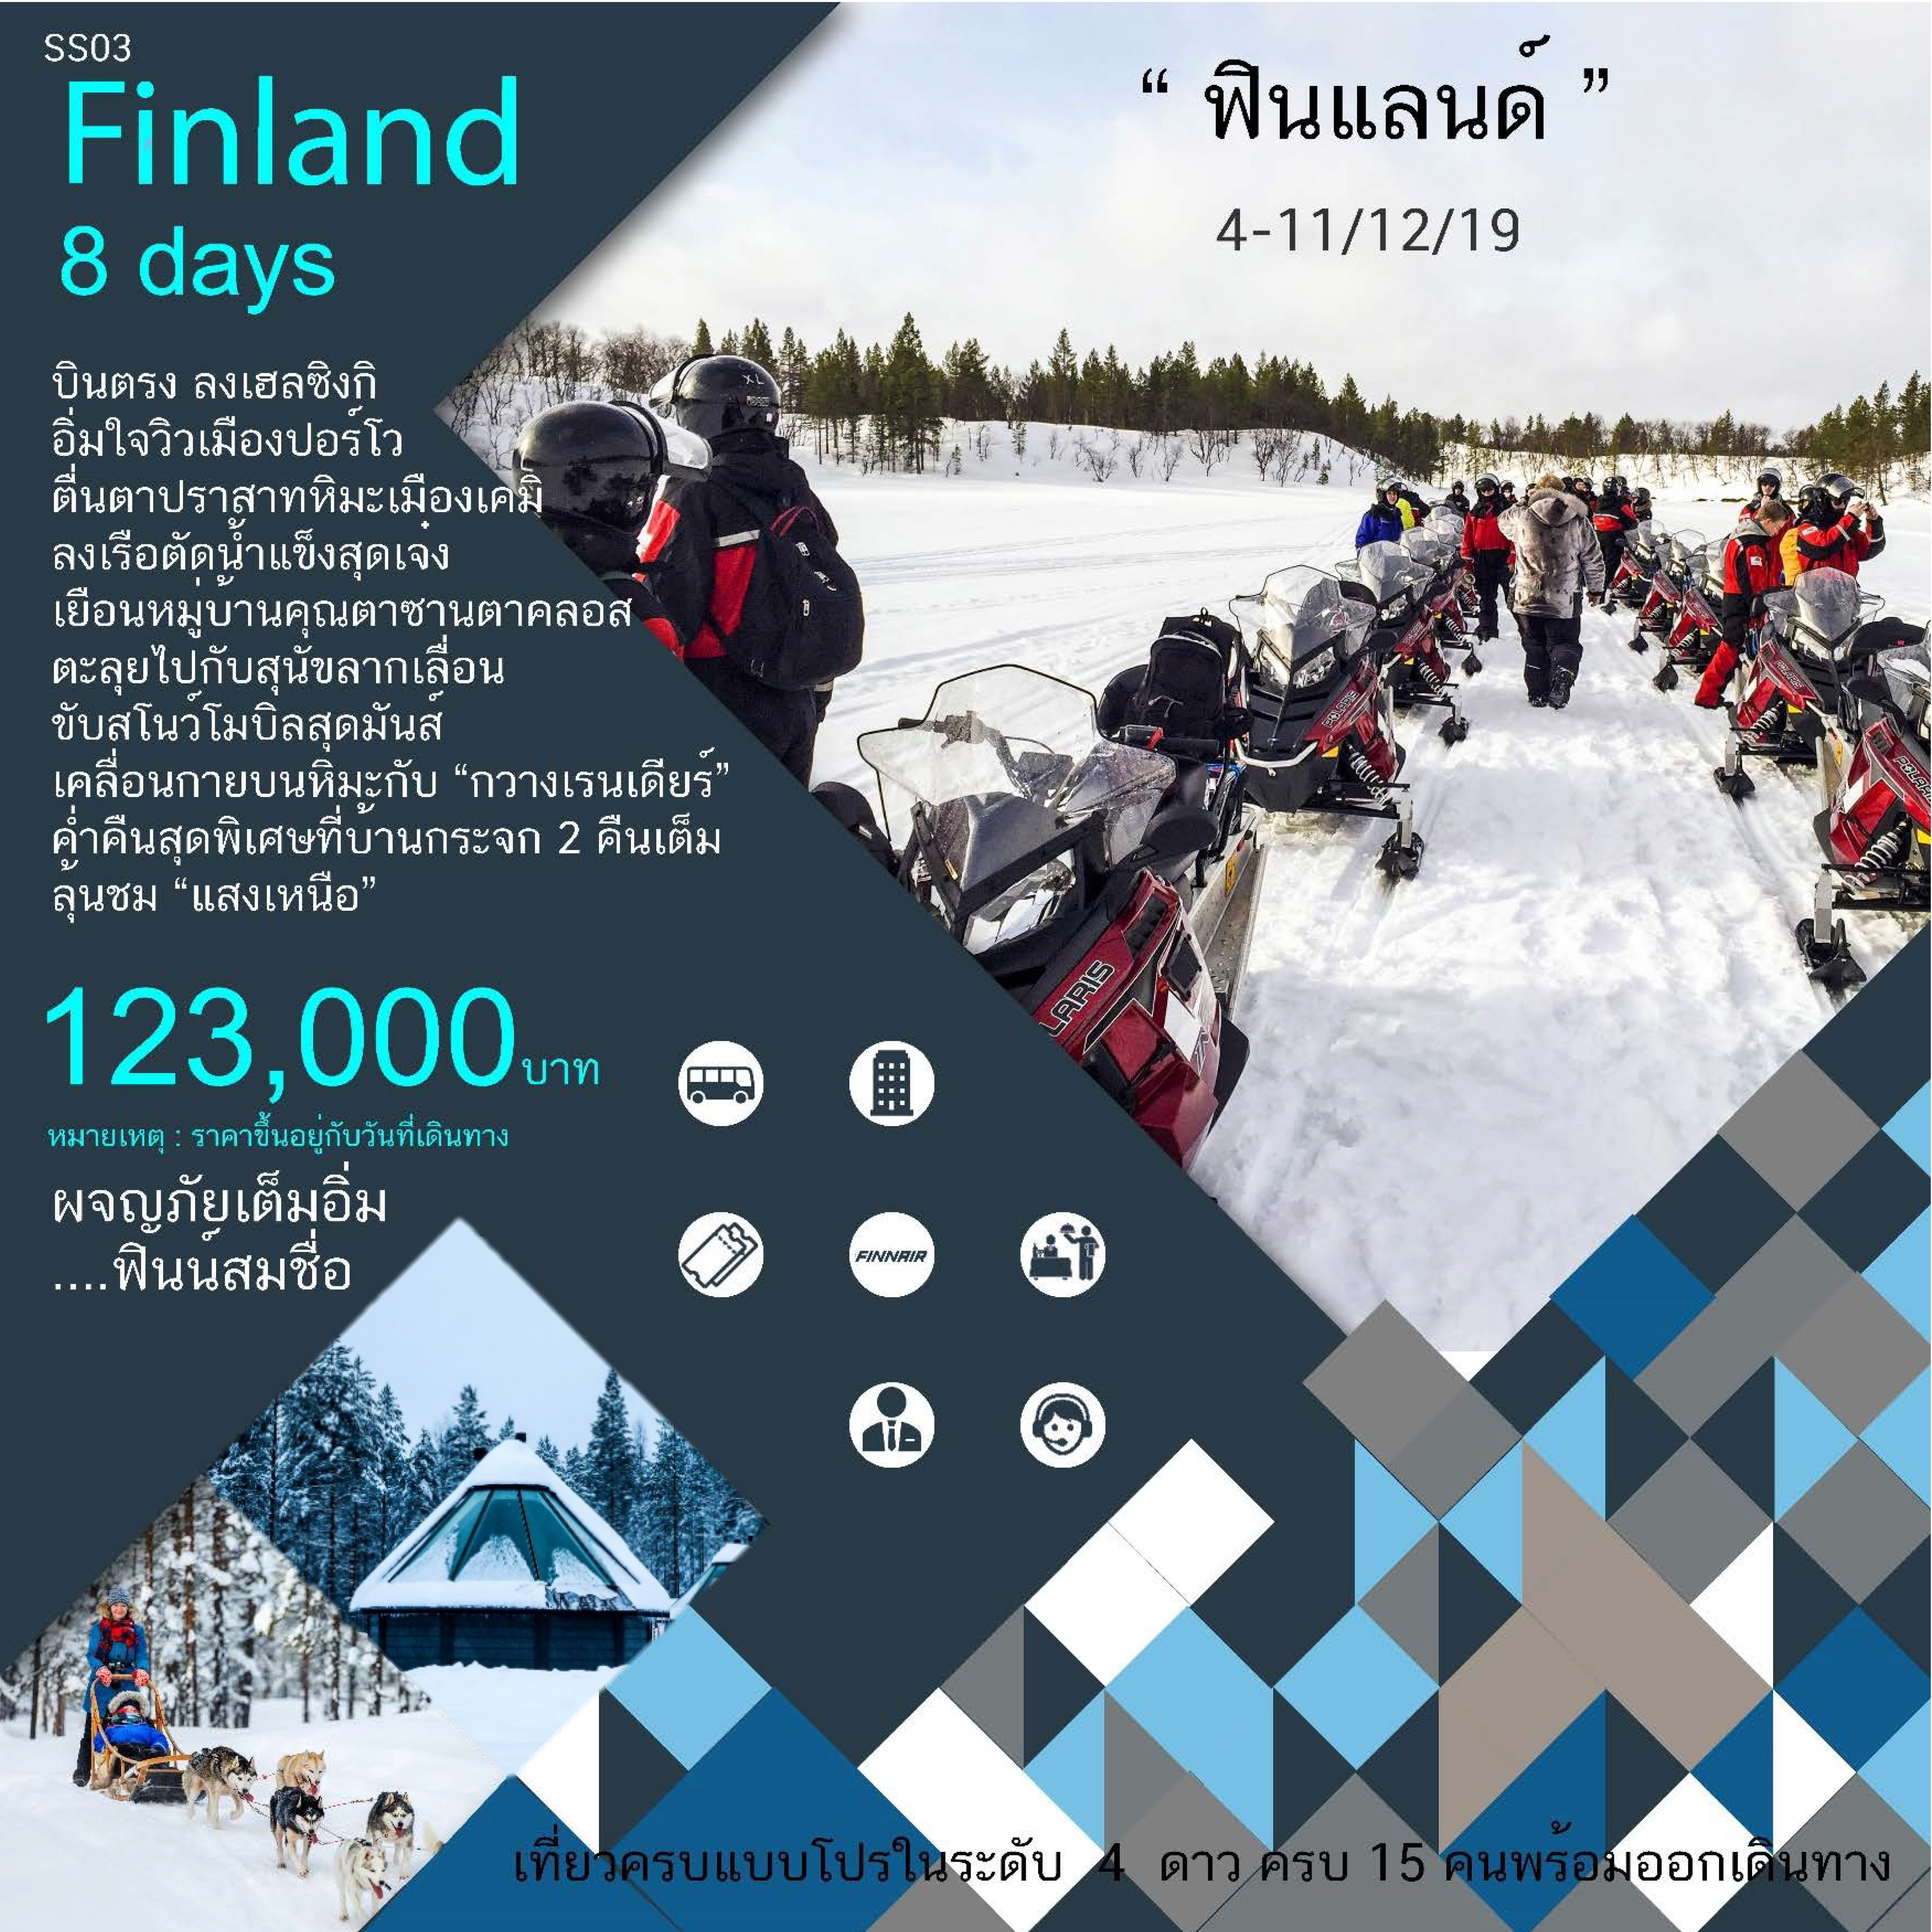 SS03_Finland 8 D